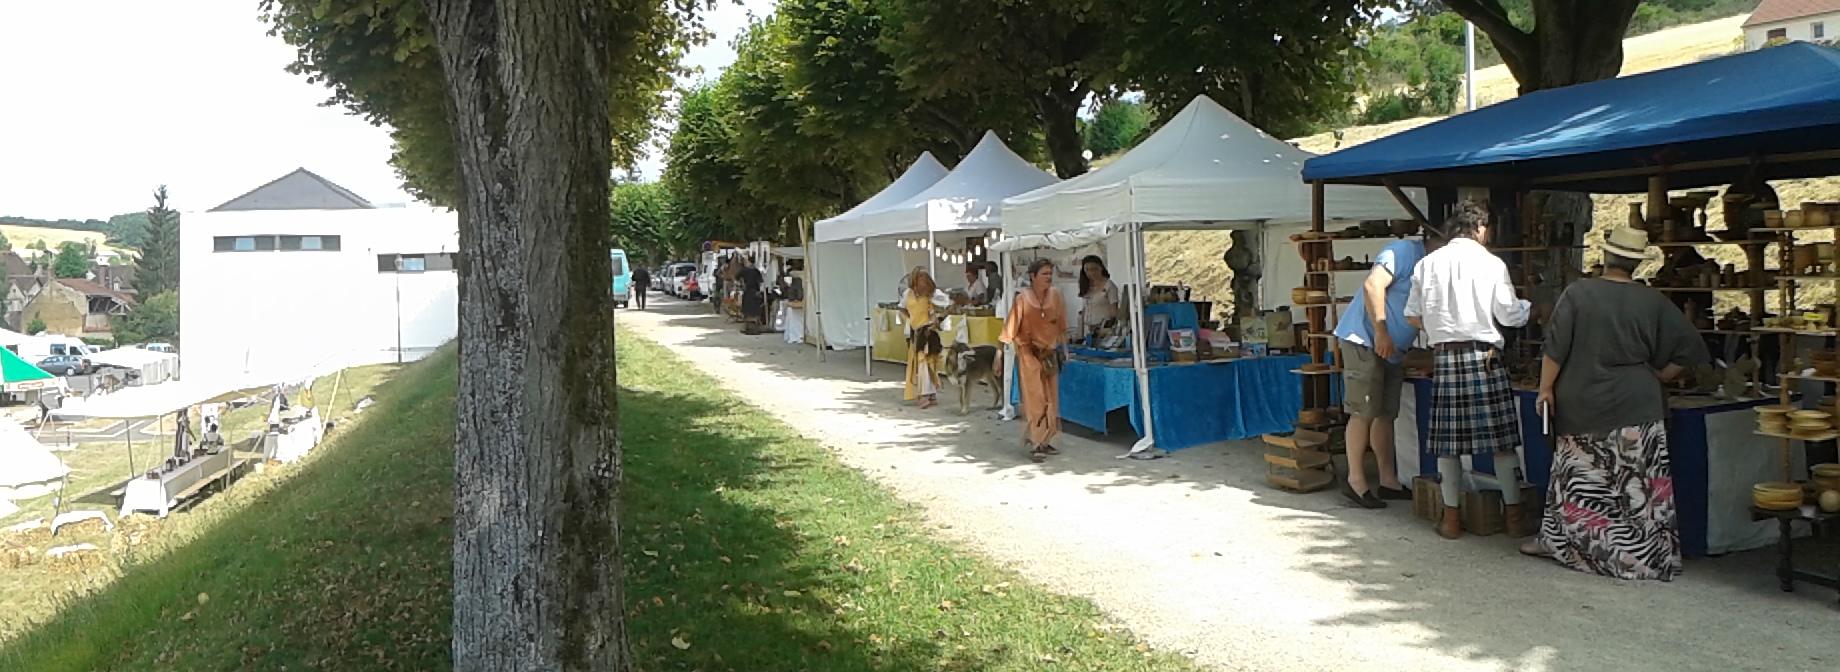 Le marché médiéval de Cerisiers